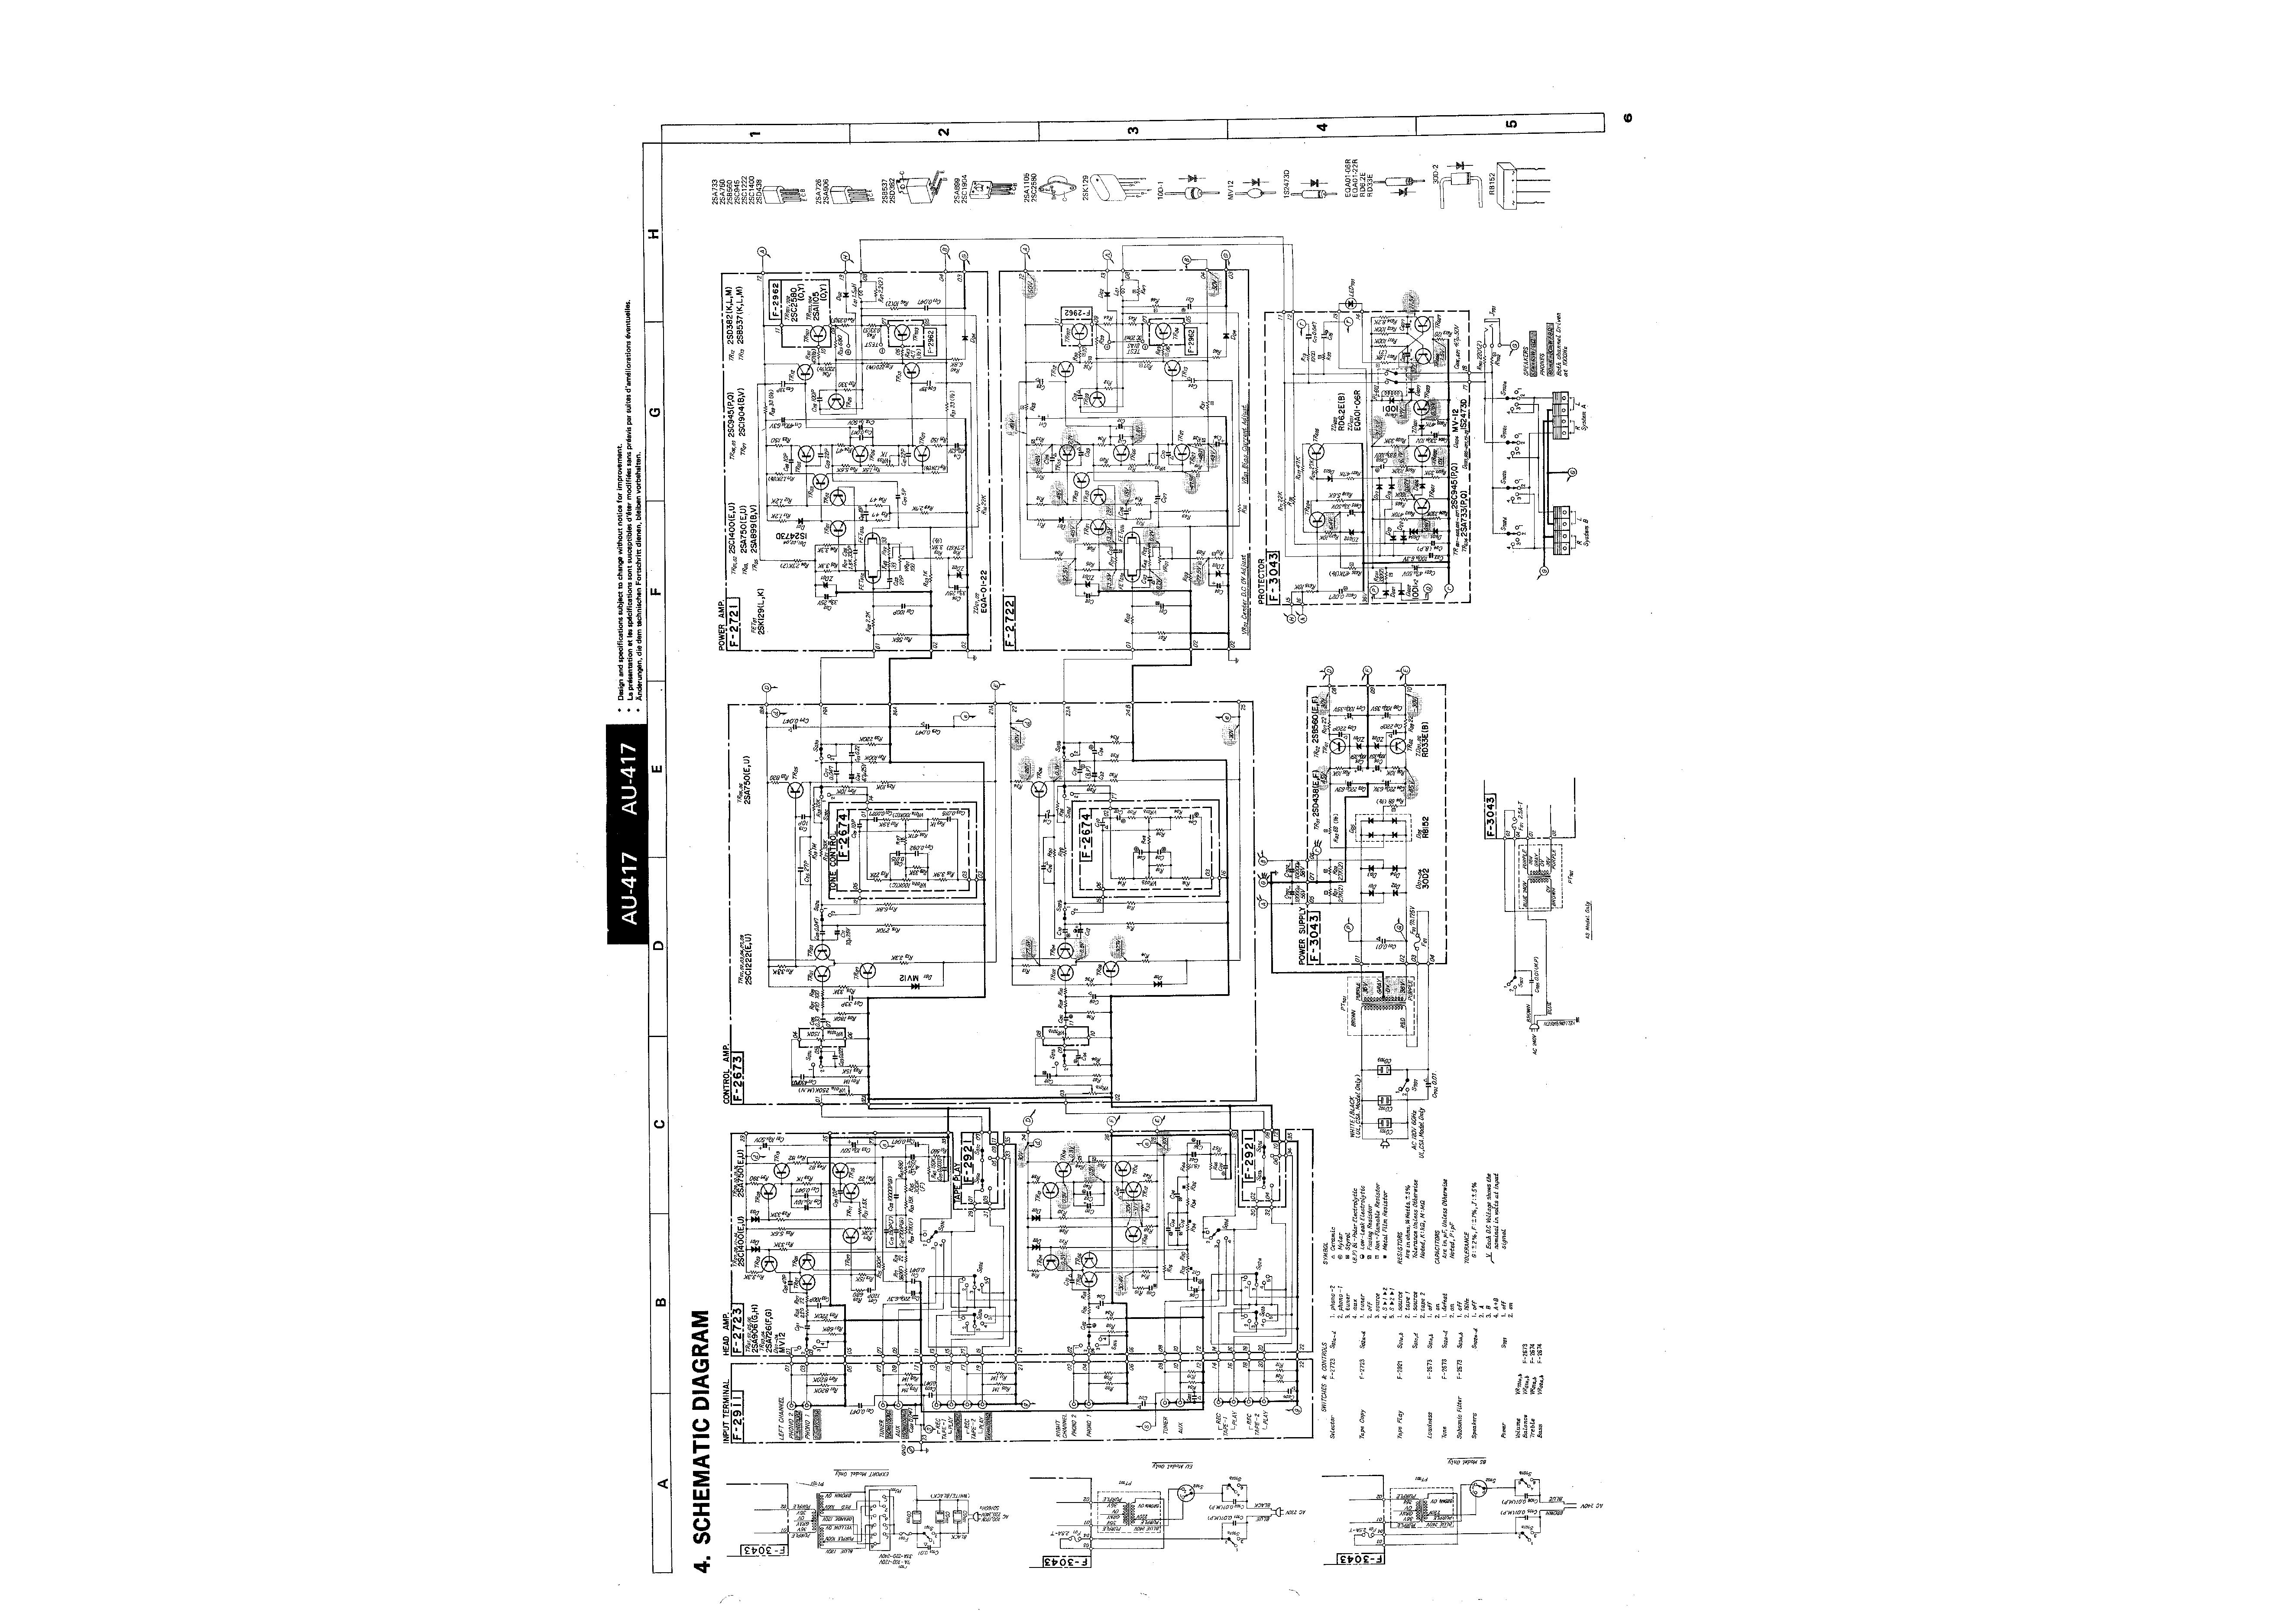 service manual for sansui au-417